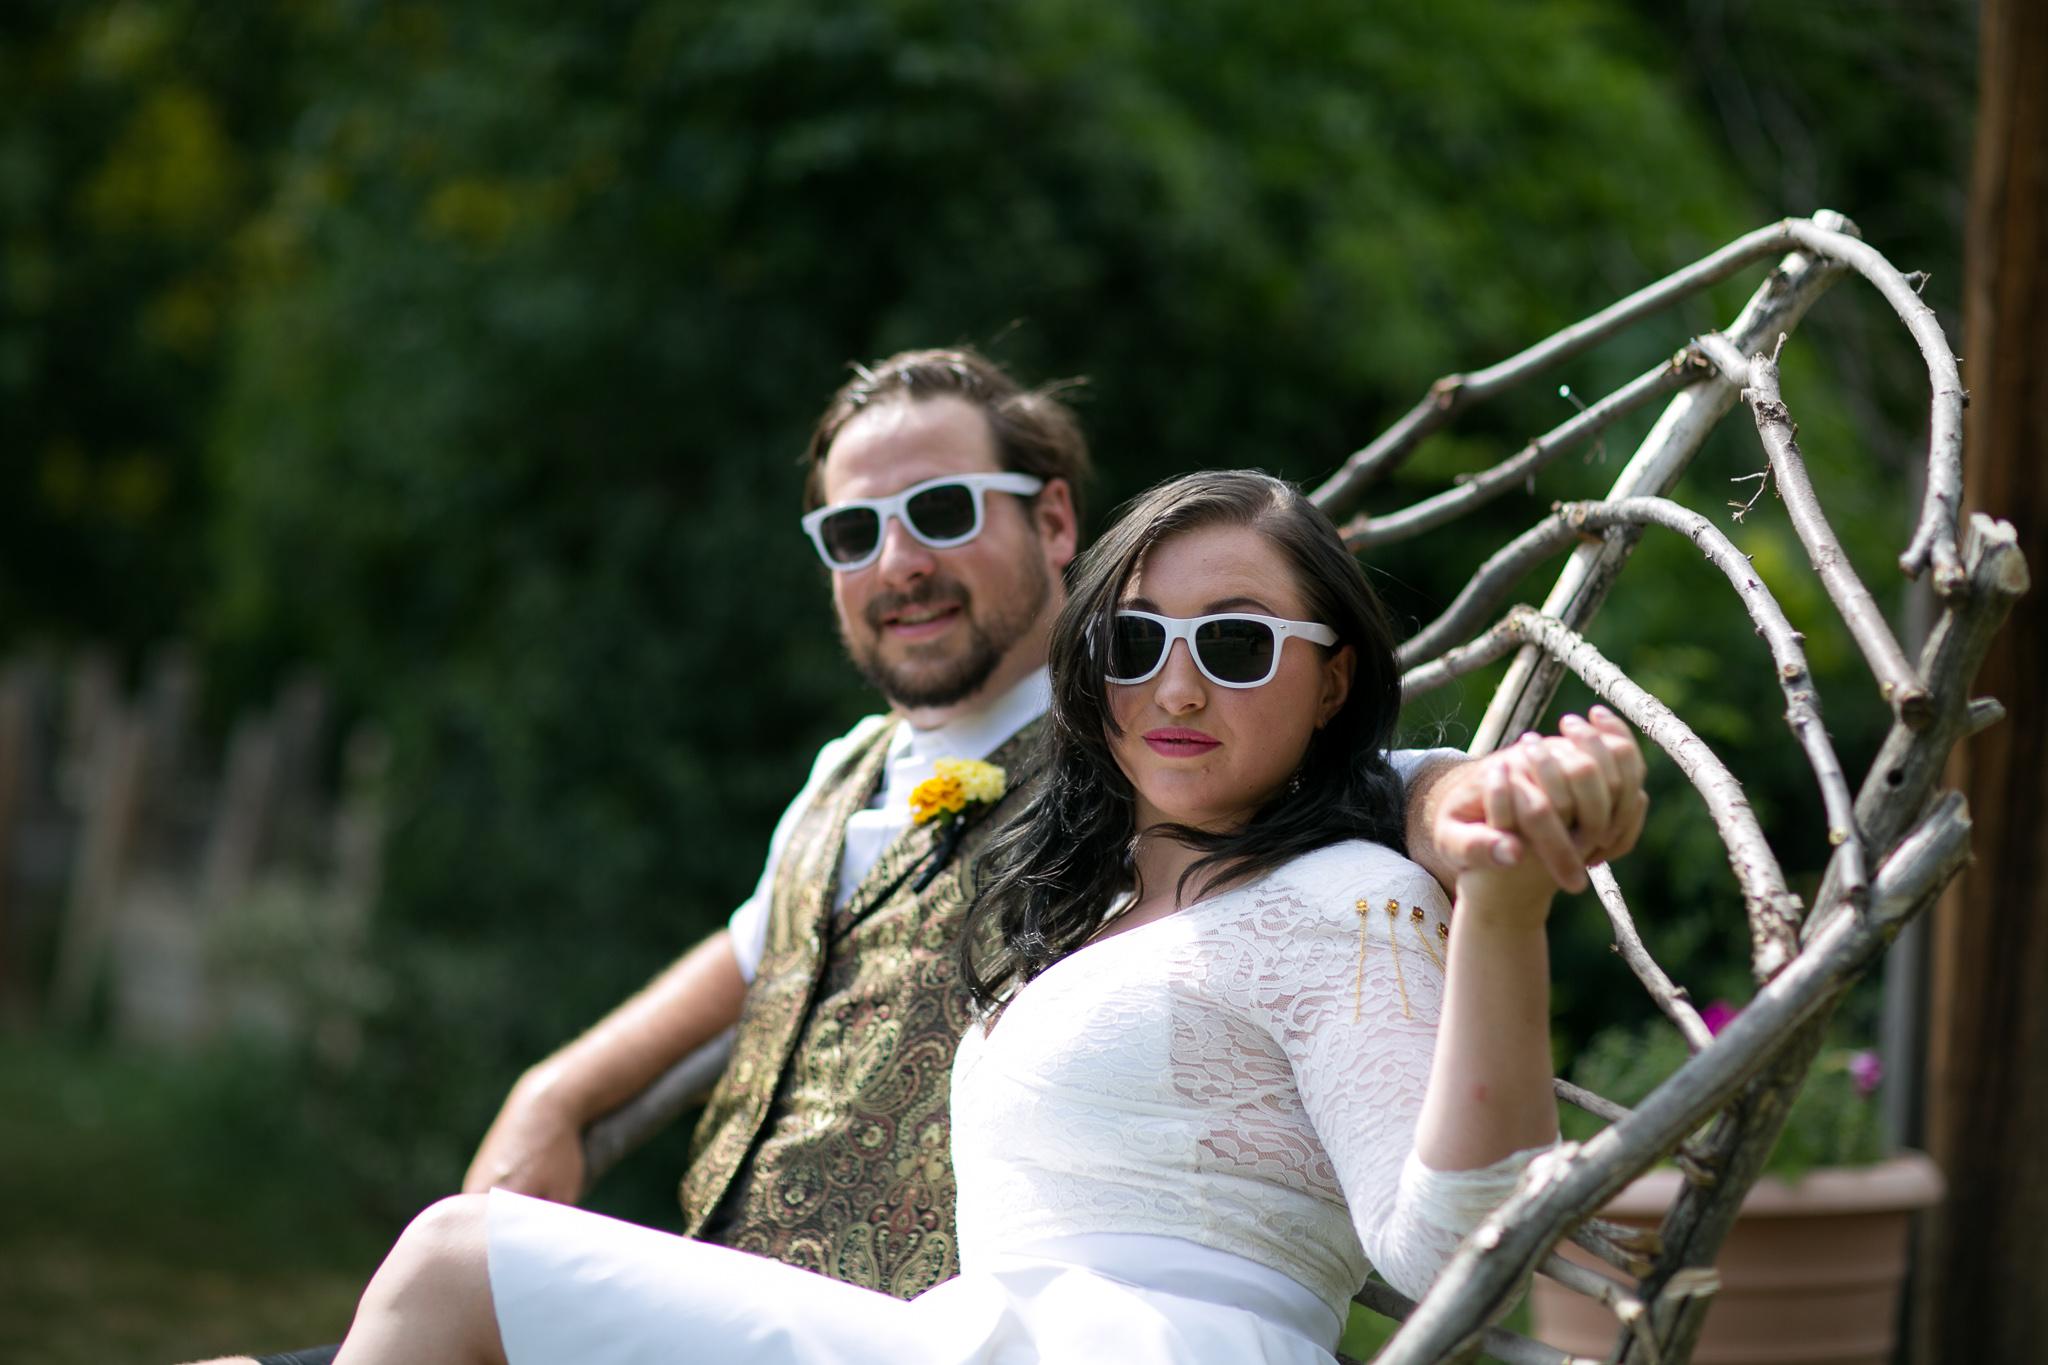 Liana&Steve-WEB-160723-057.jpg